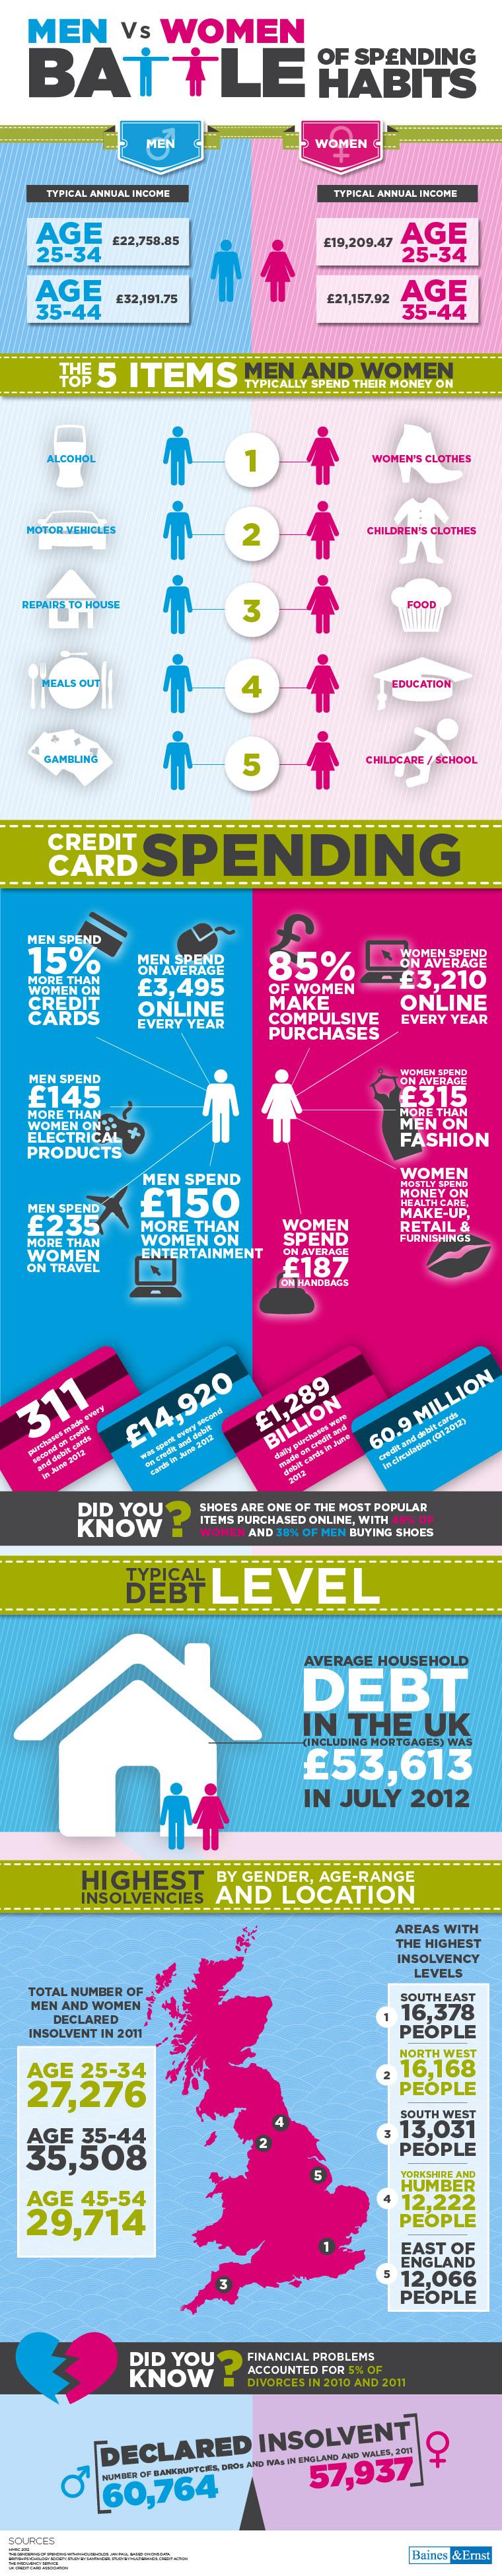 Men Vs Women - Battle Of Spending Habits